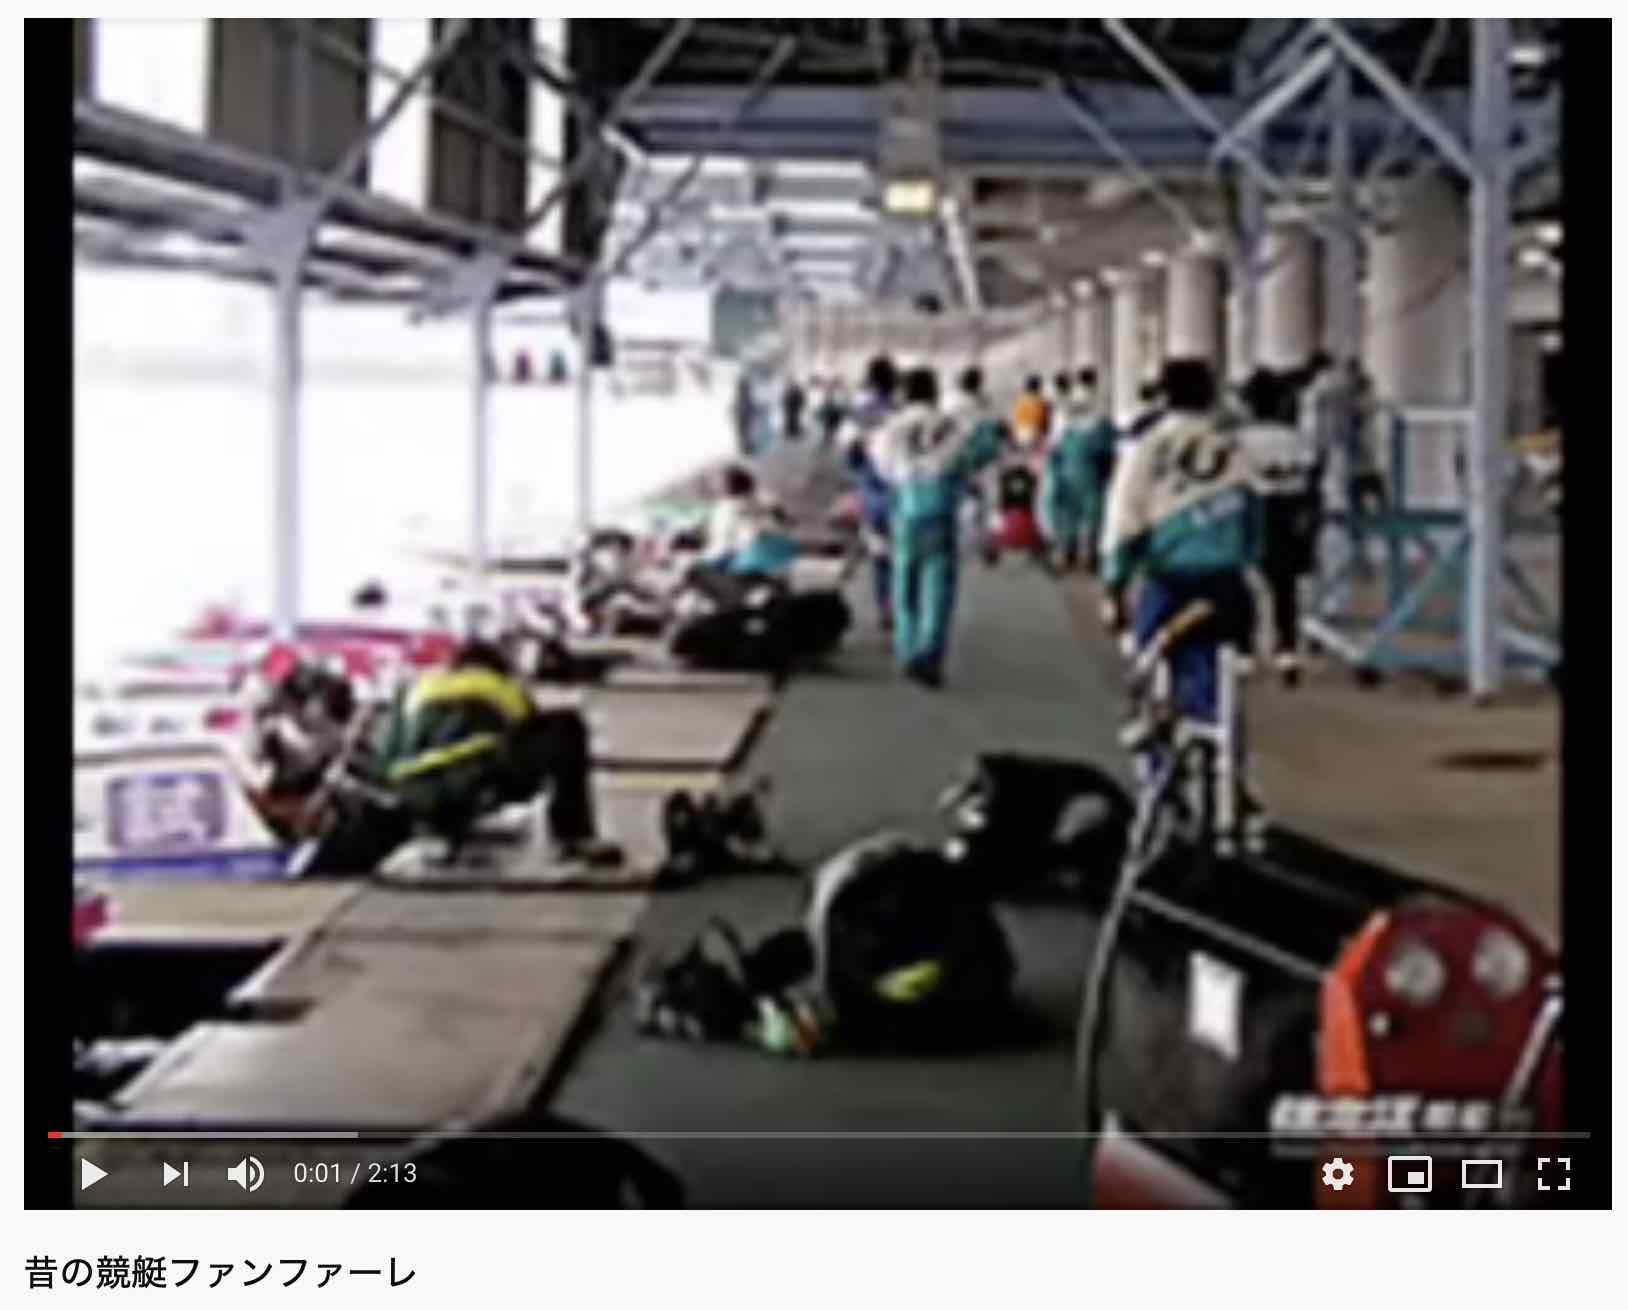 競艇、ボートレースにおける昔のファンファーレ特集